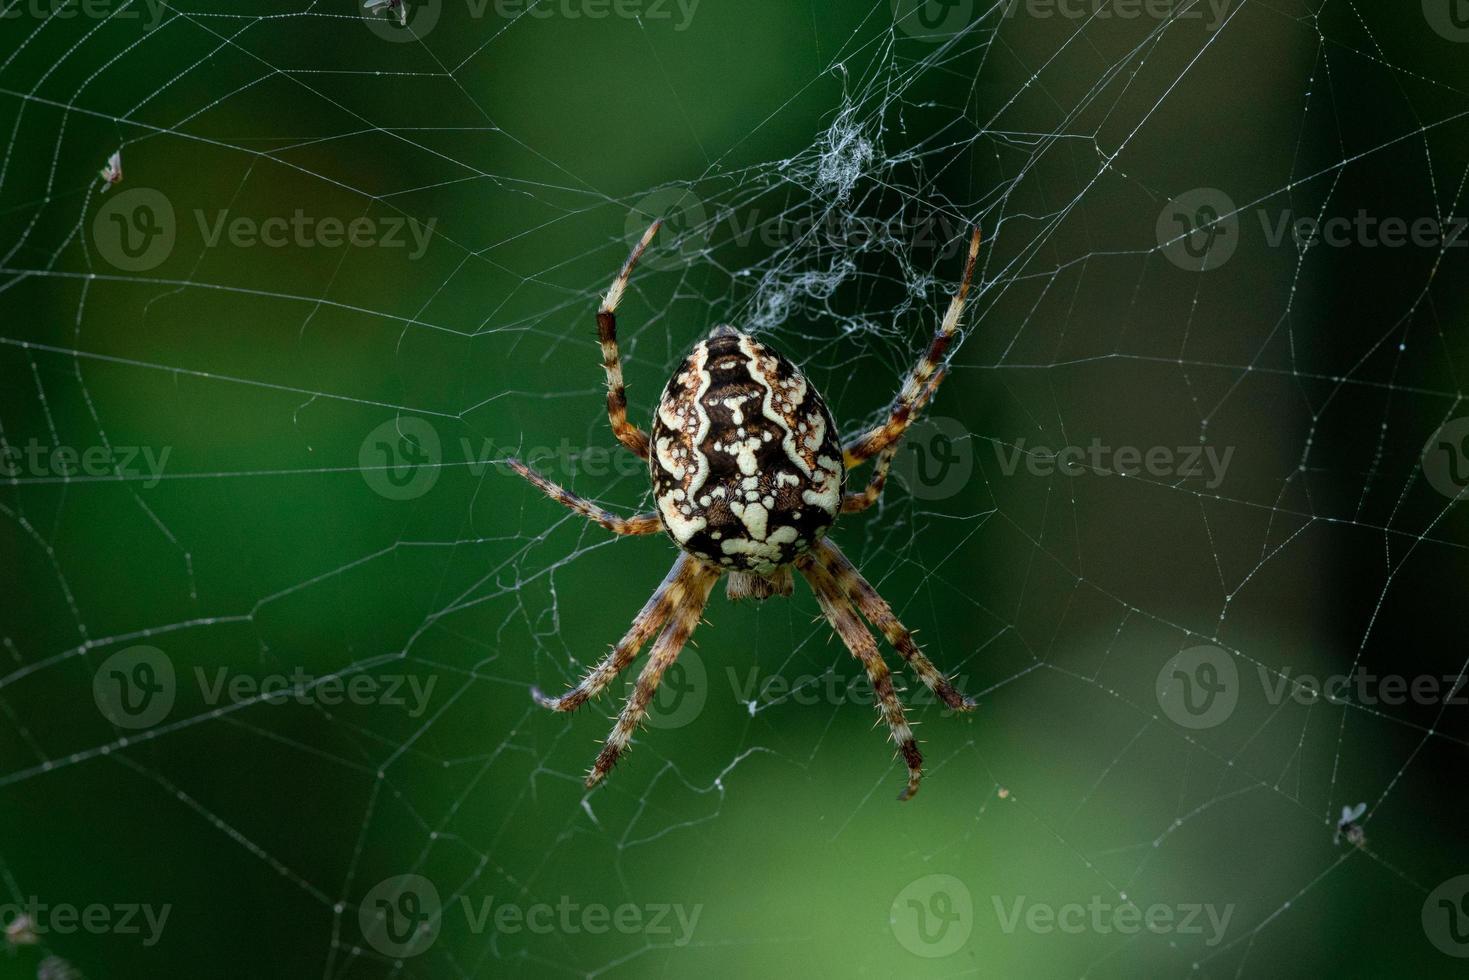 grande ragno da giardino sul web foto